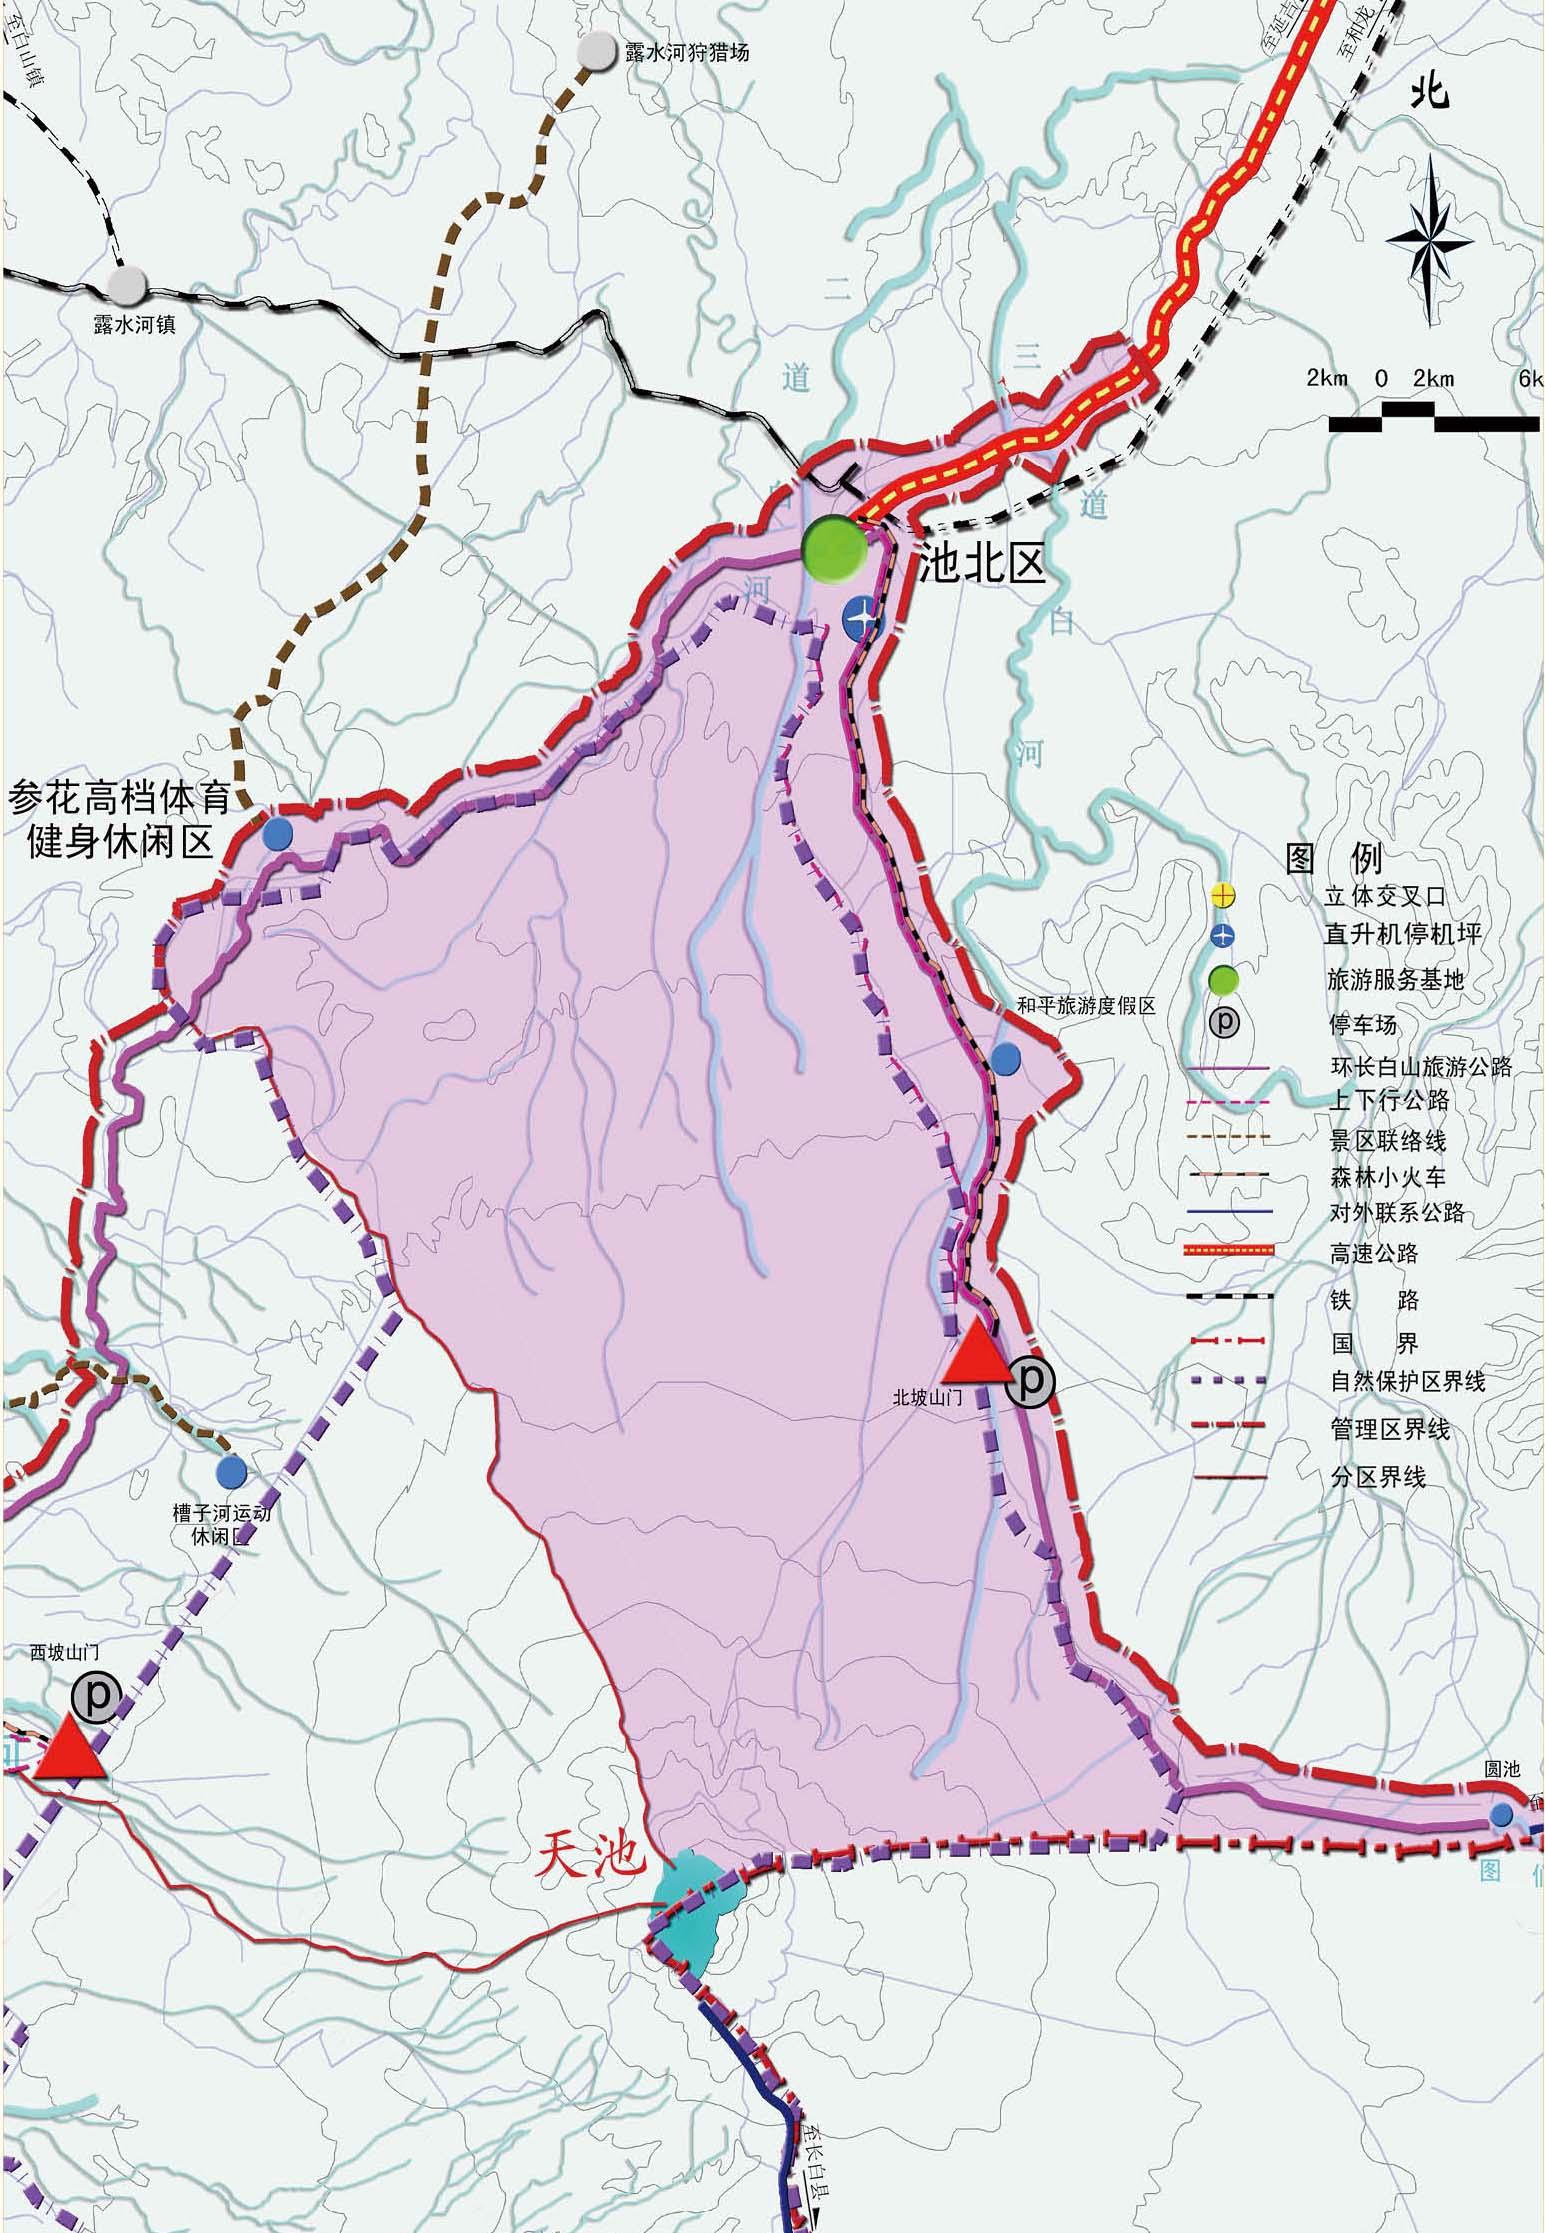 吉林省长白山池北区有建设银行吗打开百度地图,输入你所在的具体位置